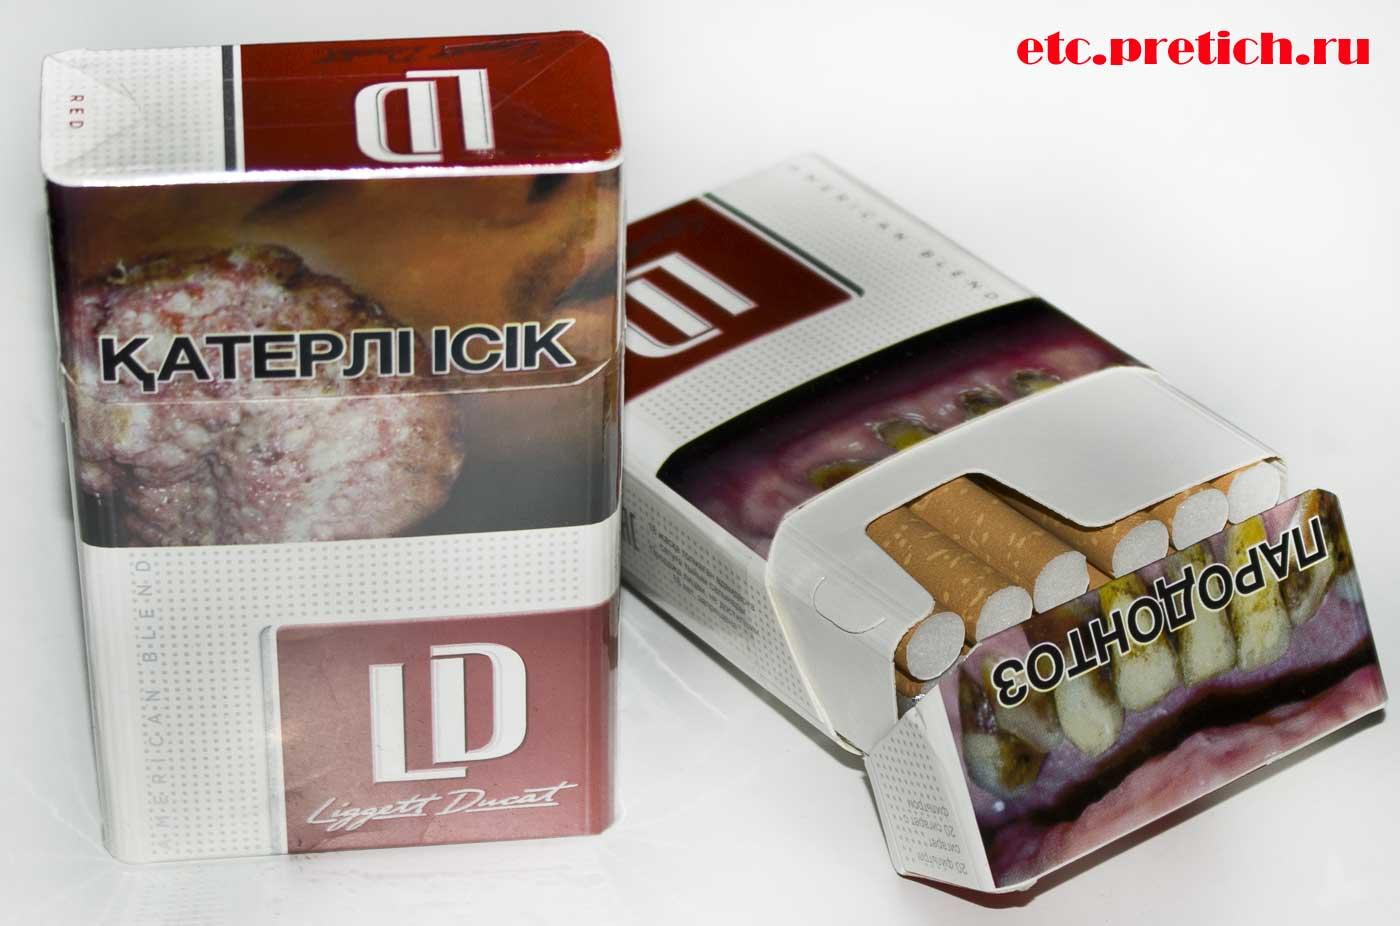 LD RED - отзыв на сигареты с фильтром, самые дешевые